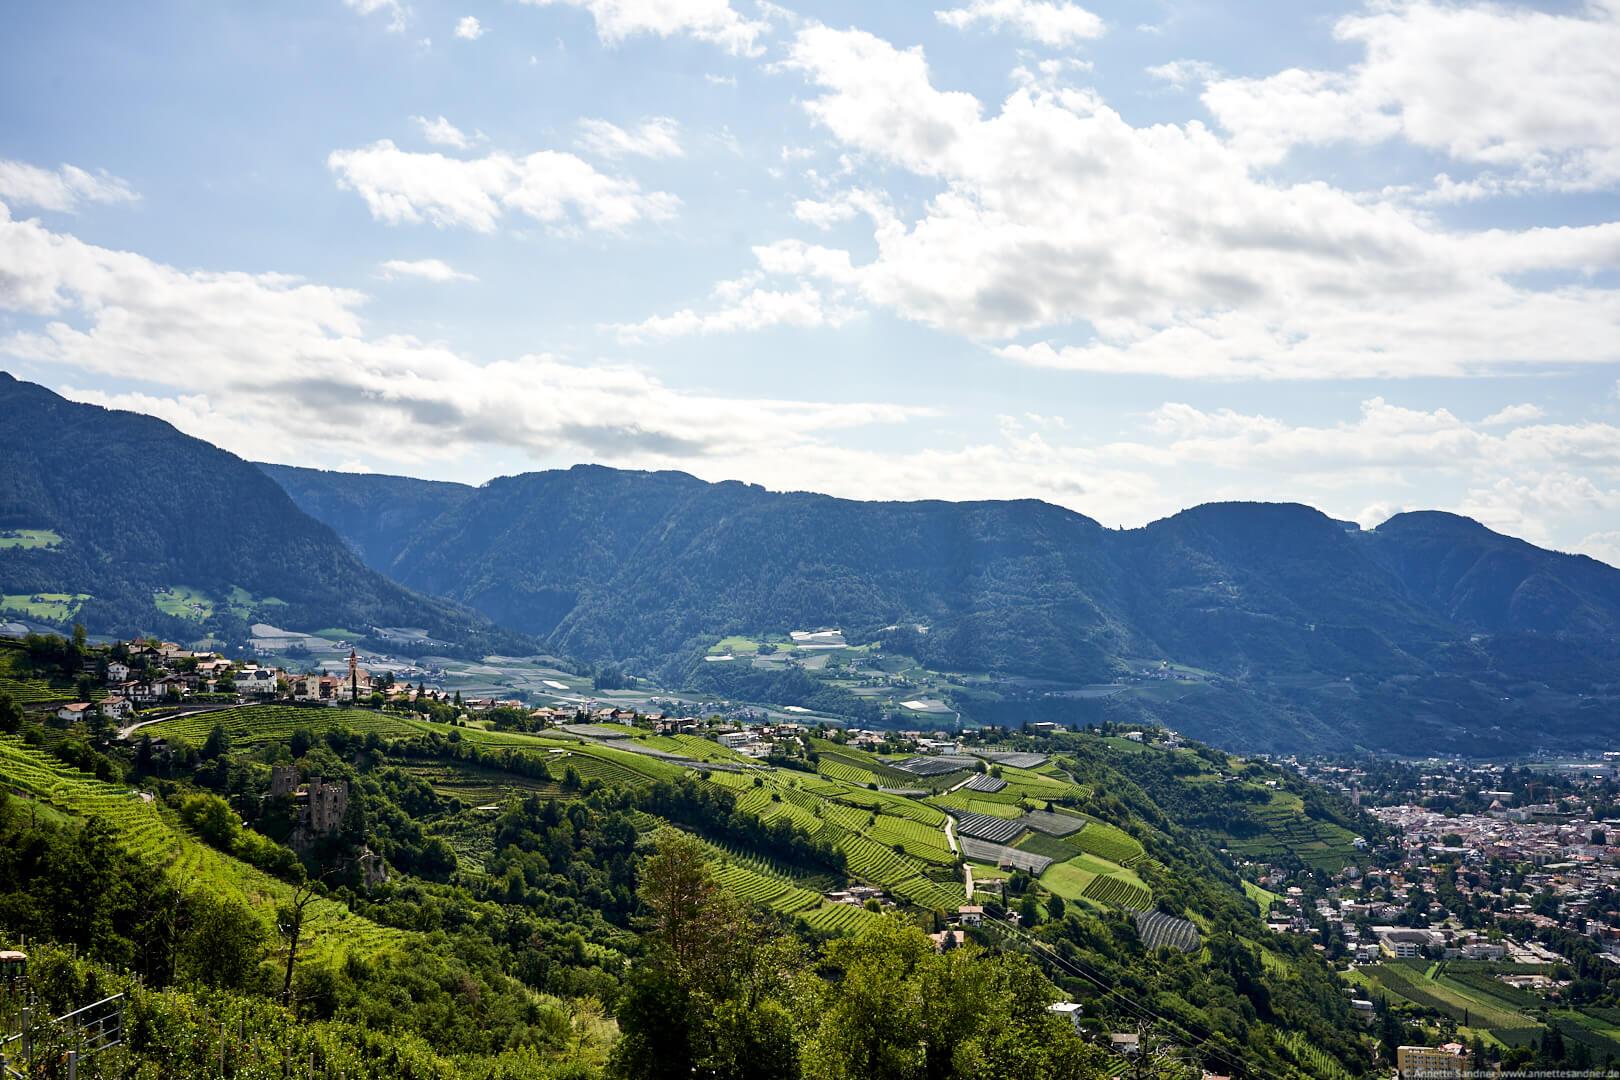 Blick über Meran vom Hotel Kronsbühel, Dorf Tirol, Meran, Südtirol